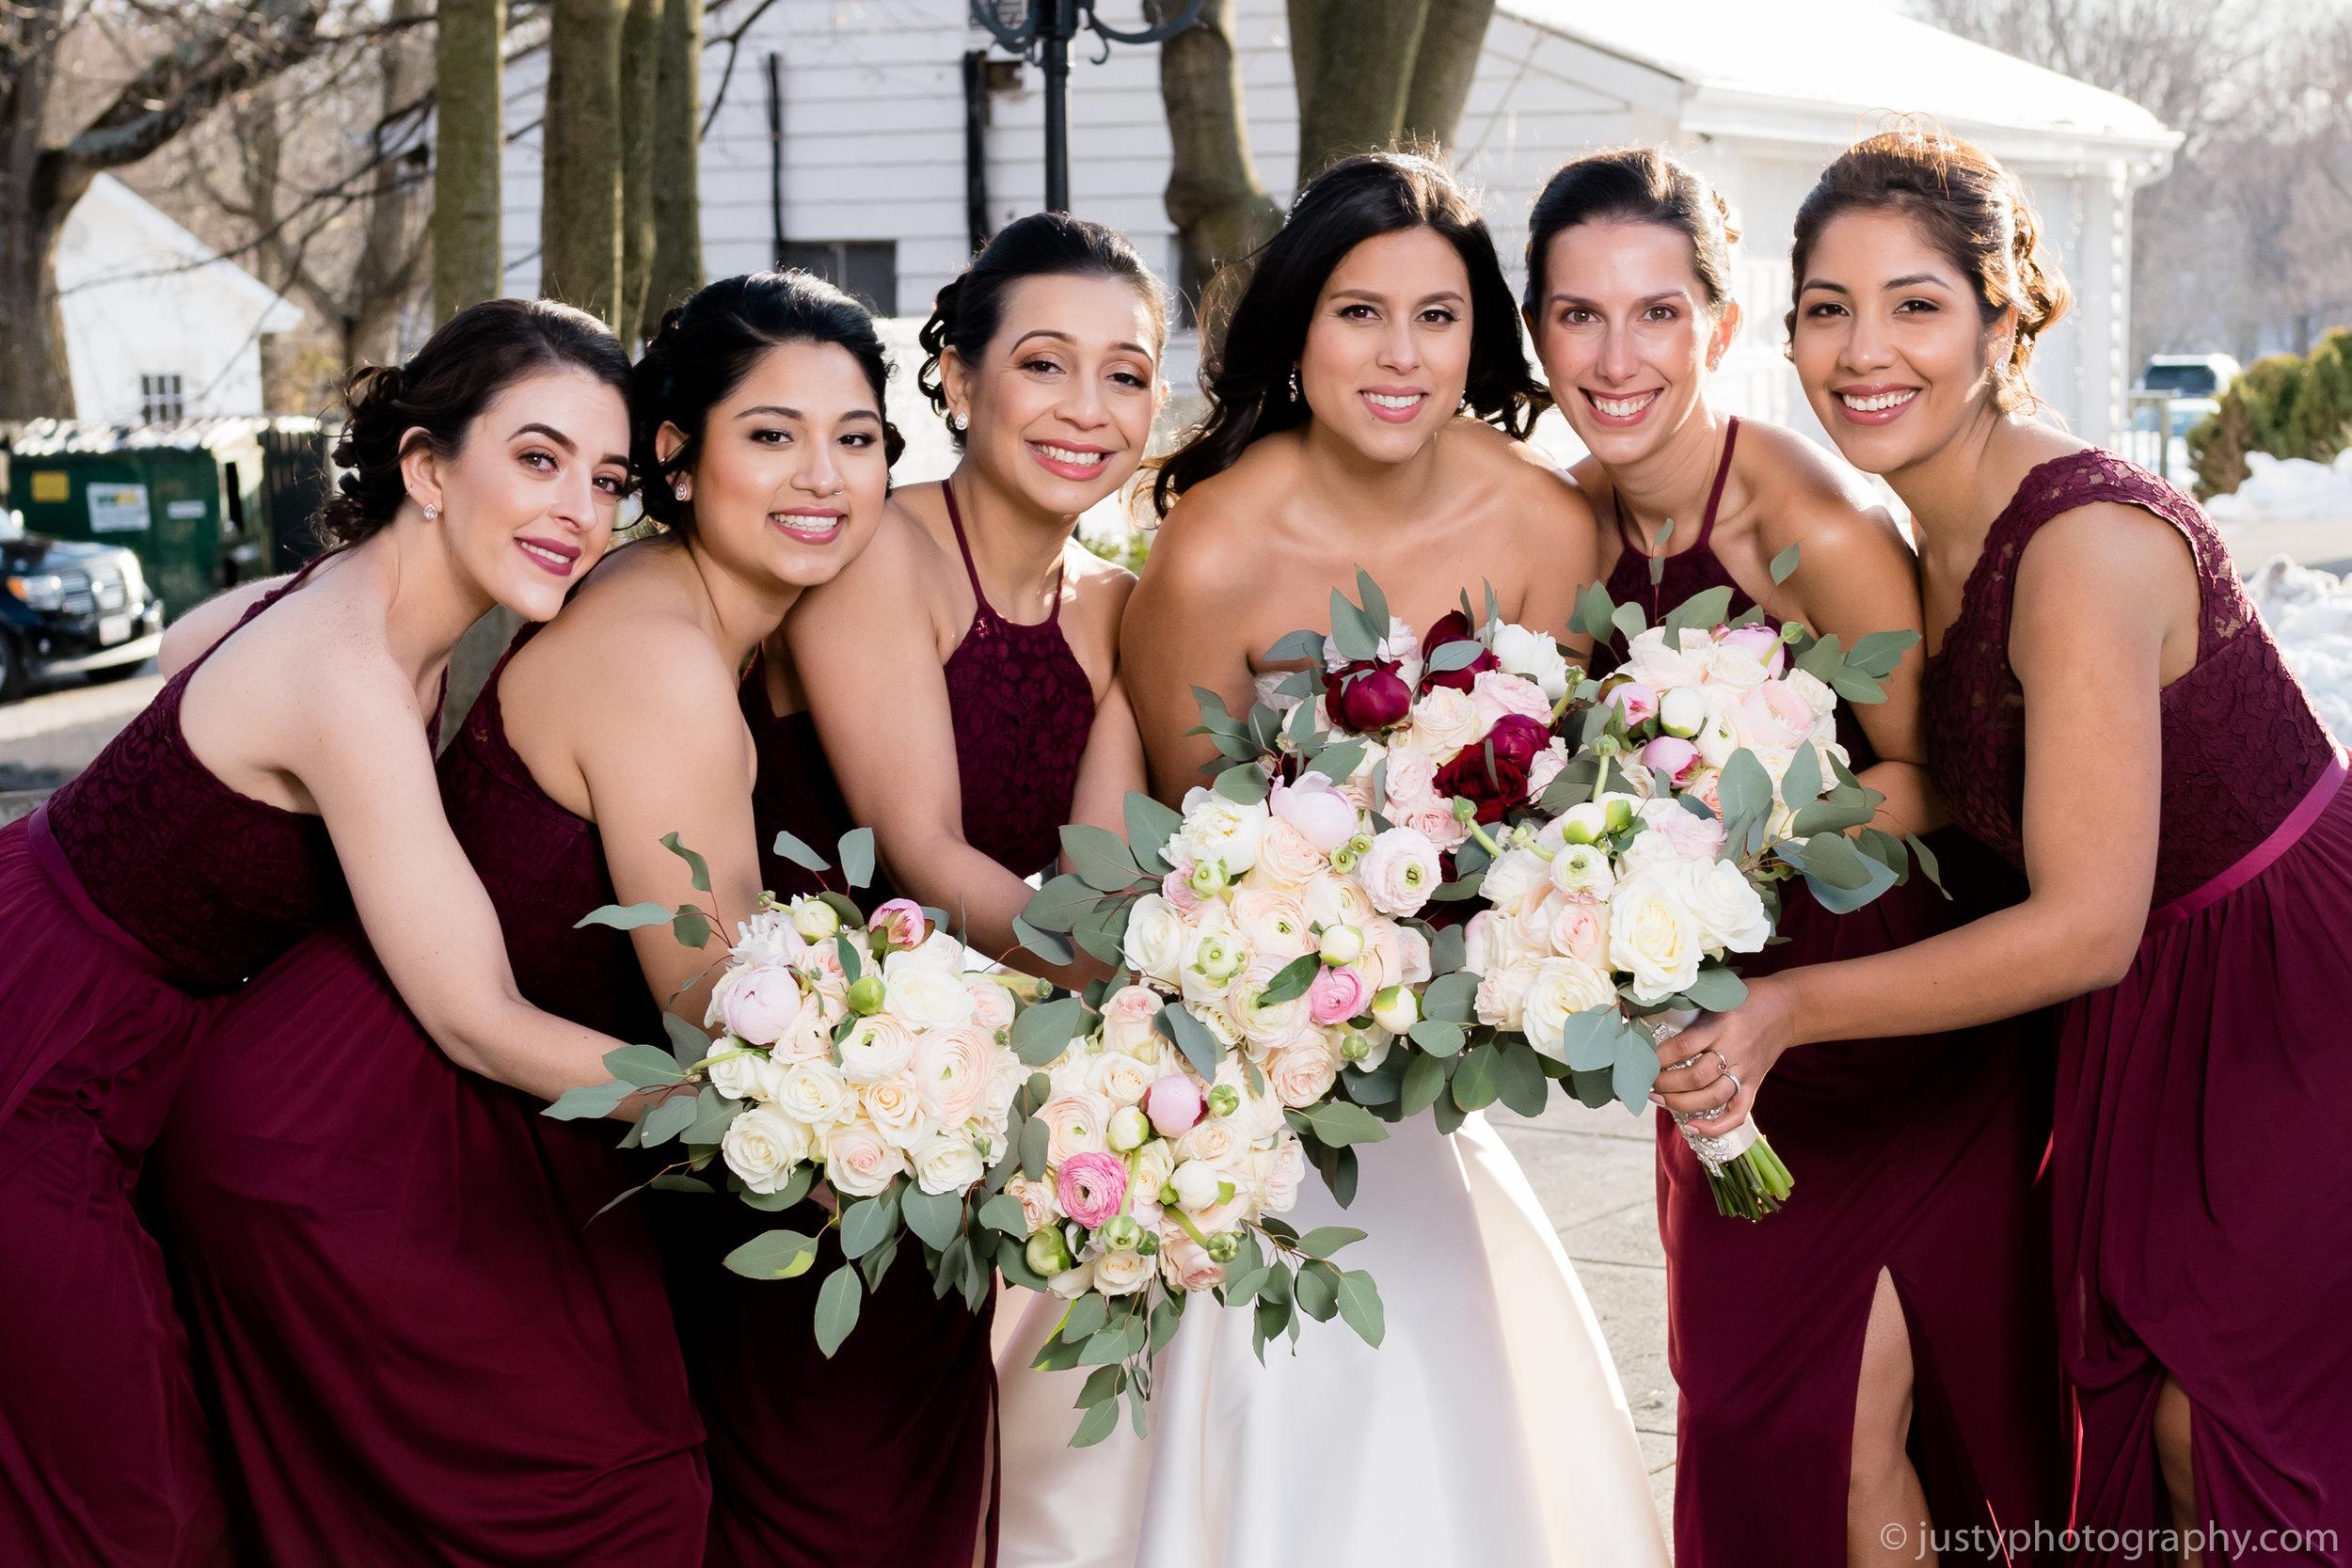 Ceresville Mansion Wedding Photos - Bride and bridesmaids fun pose 25.jpg